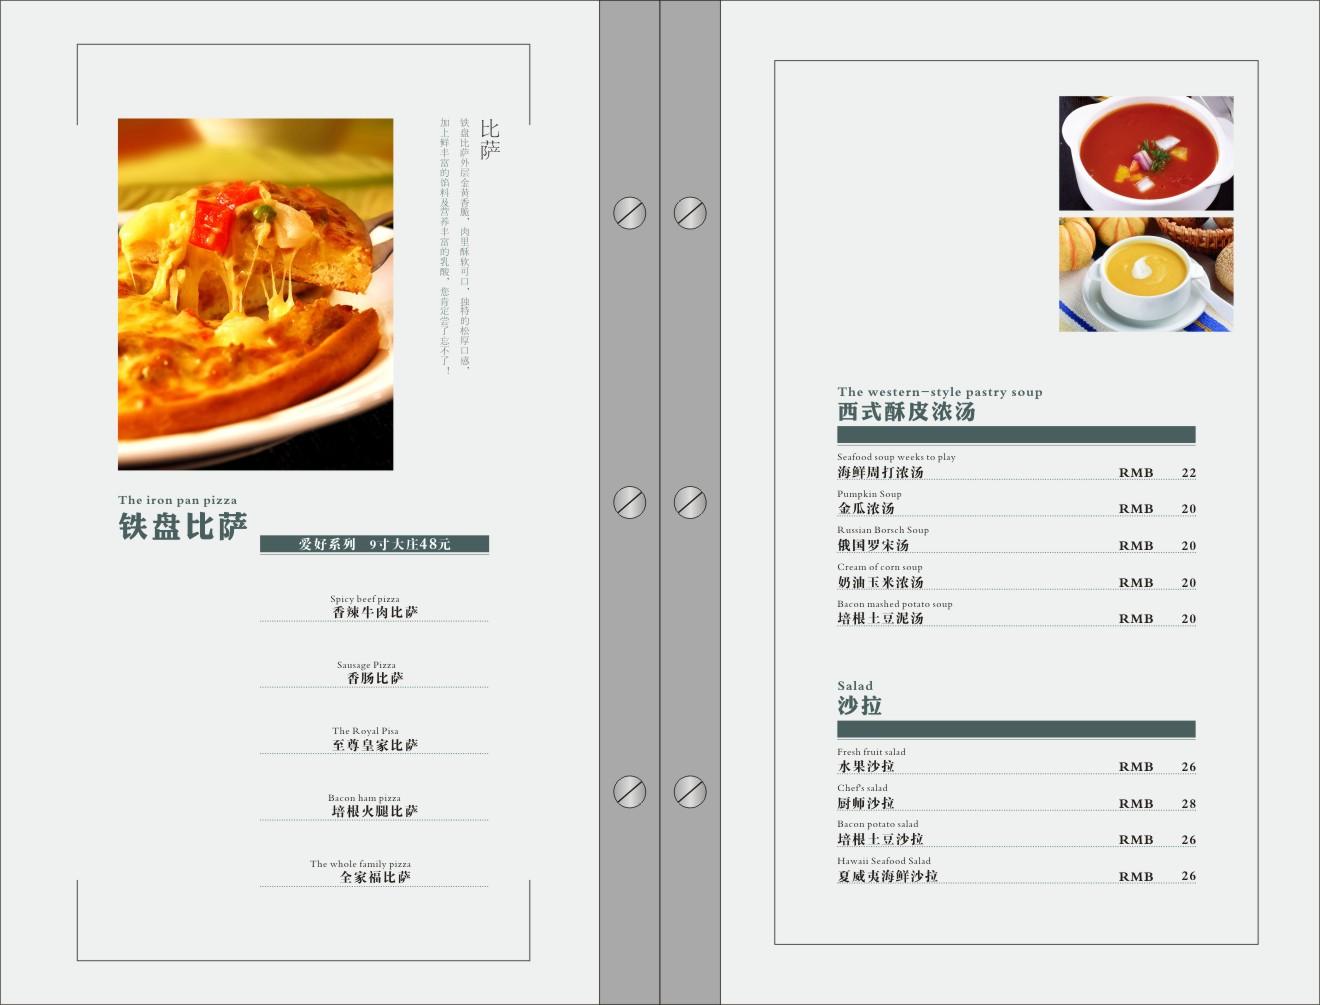 290号菜谱设计:菜谱册咖啡